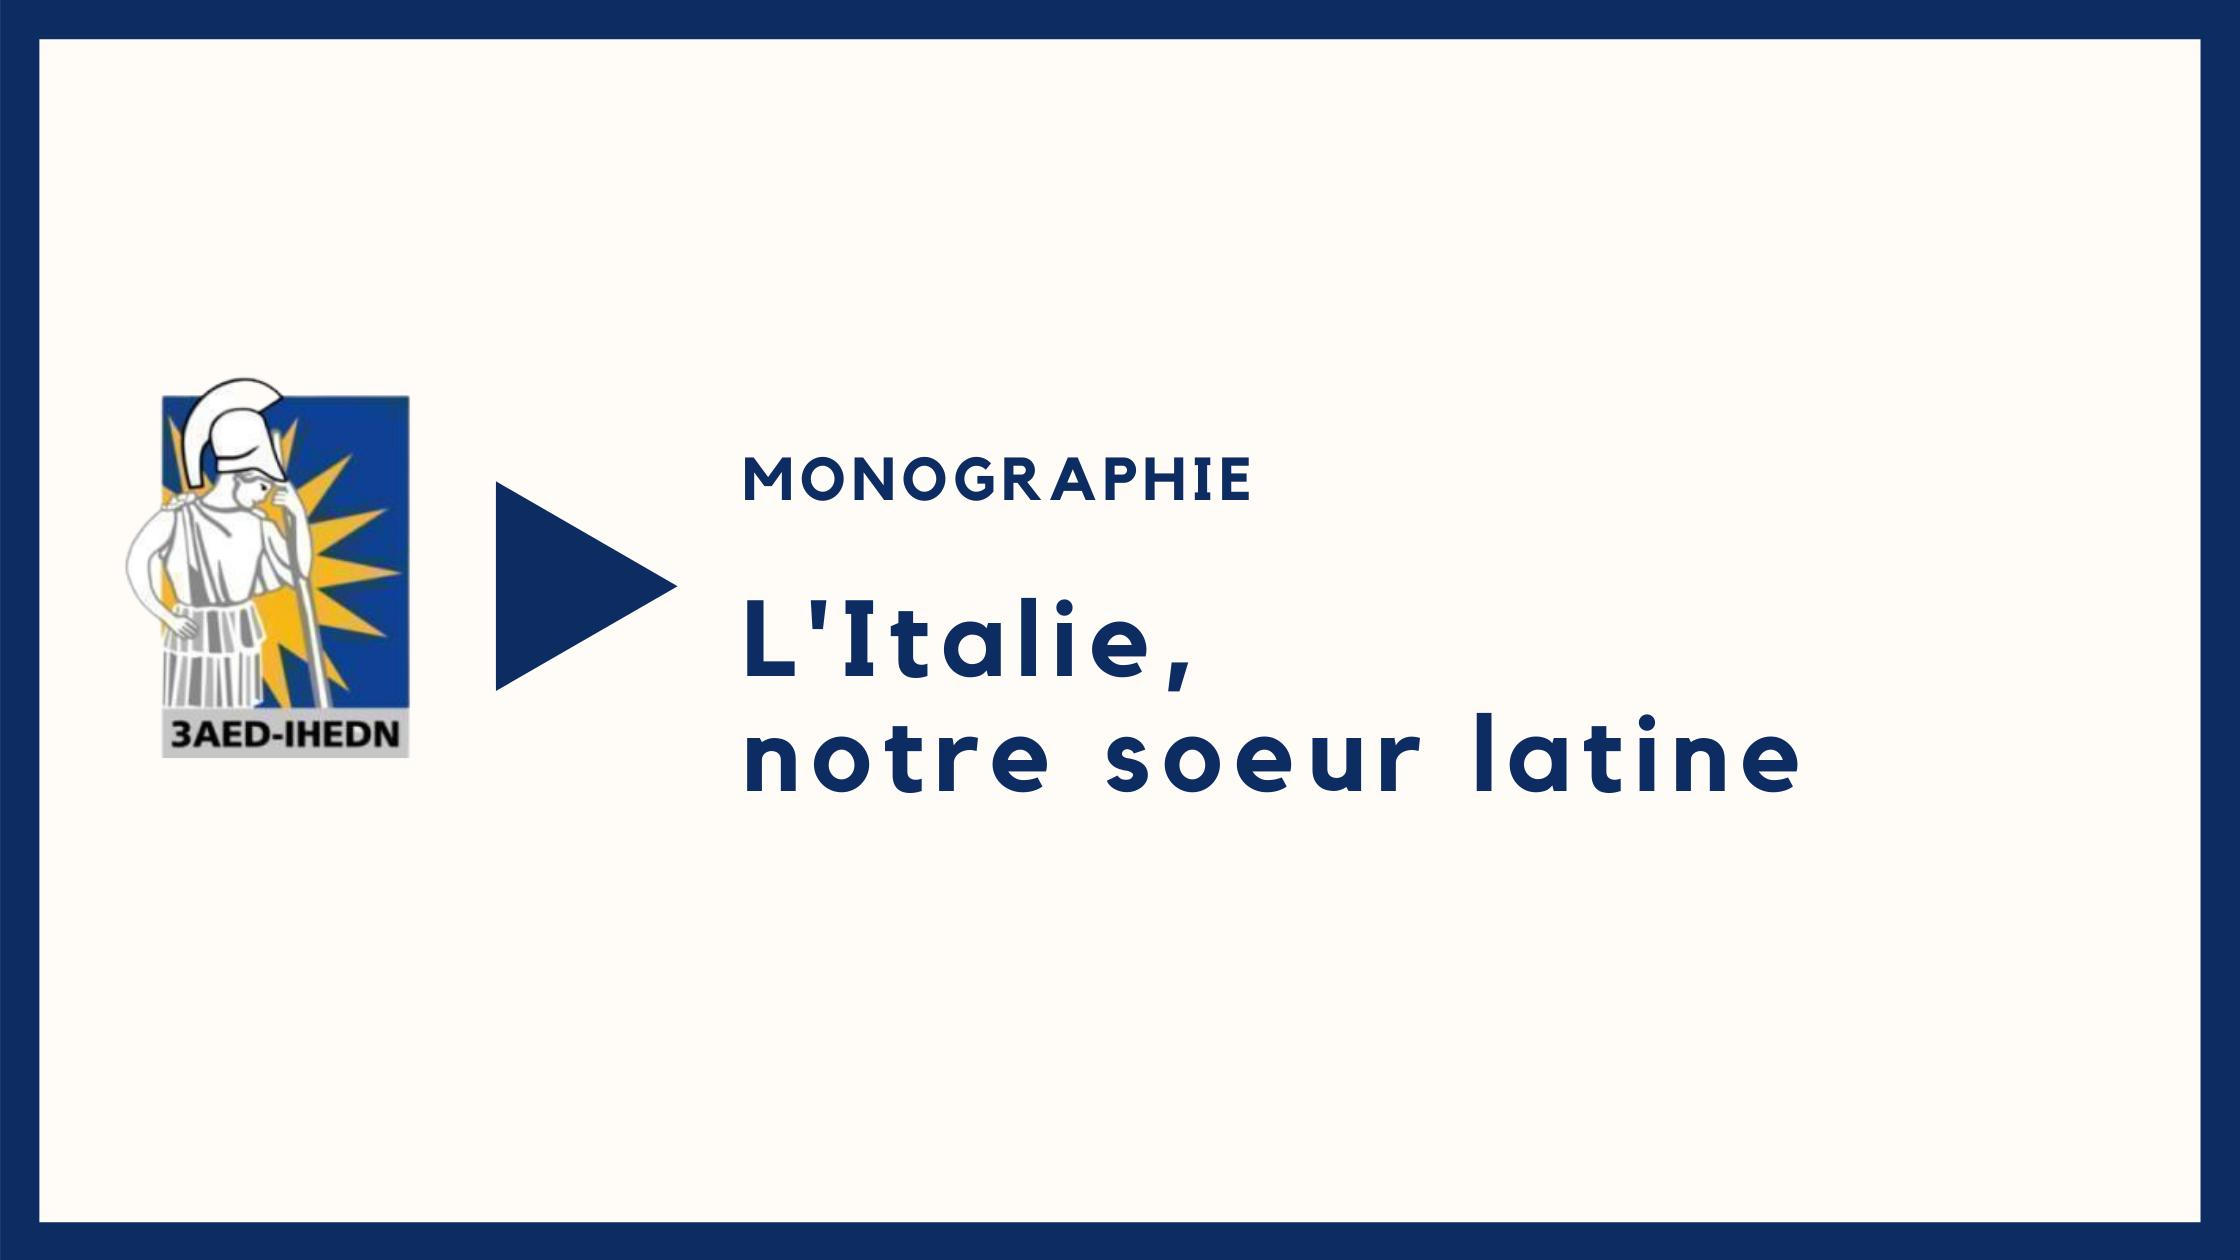 Monographie   L'Italie, notre soeur latine